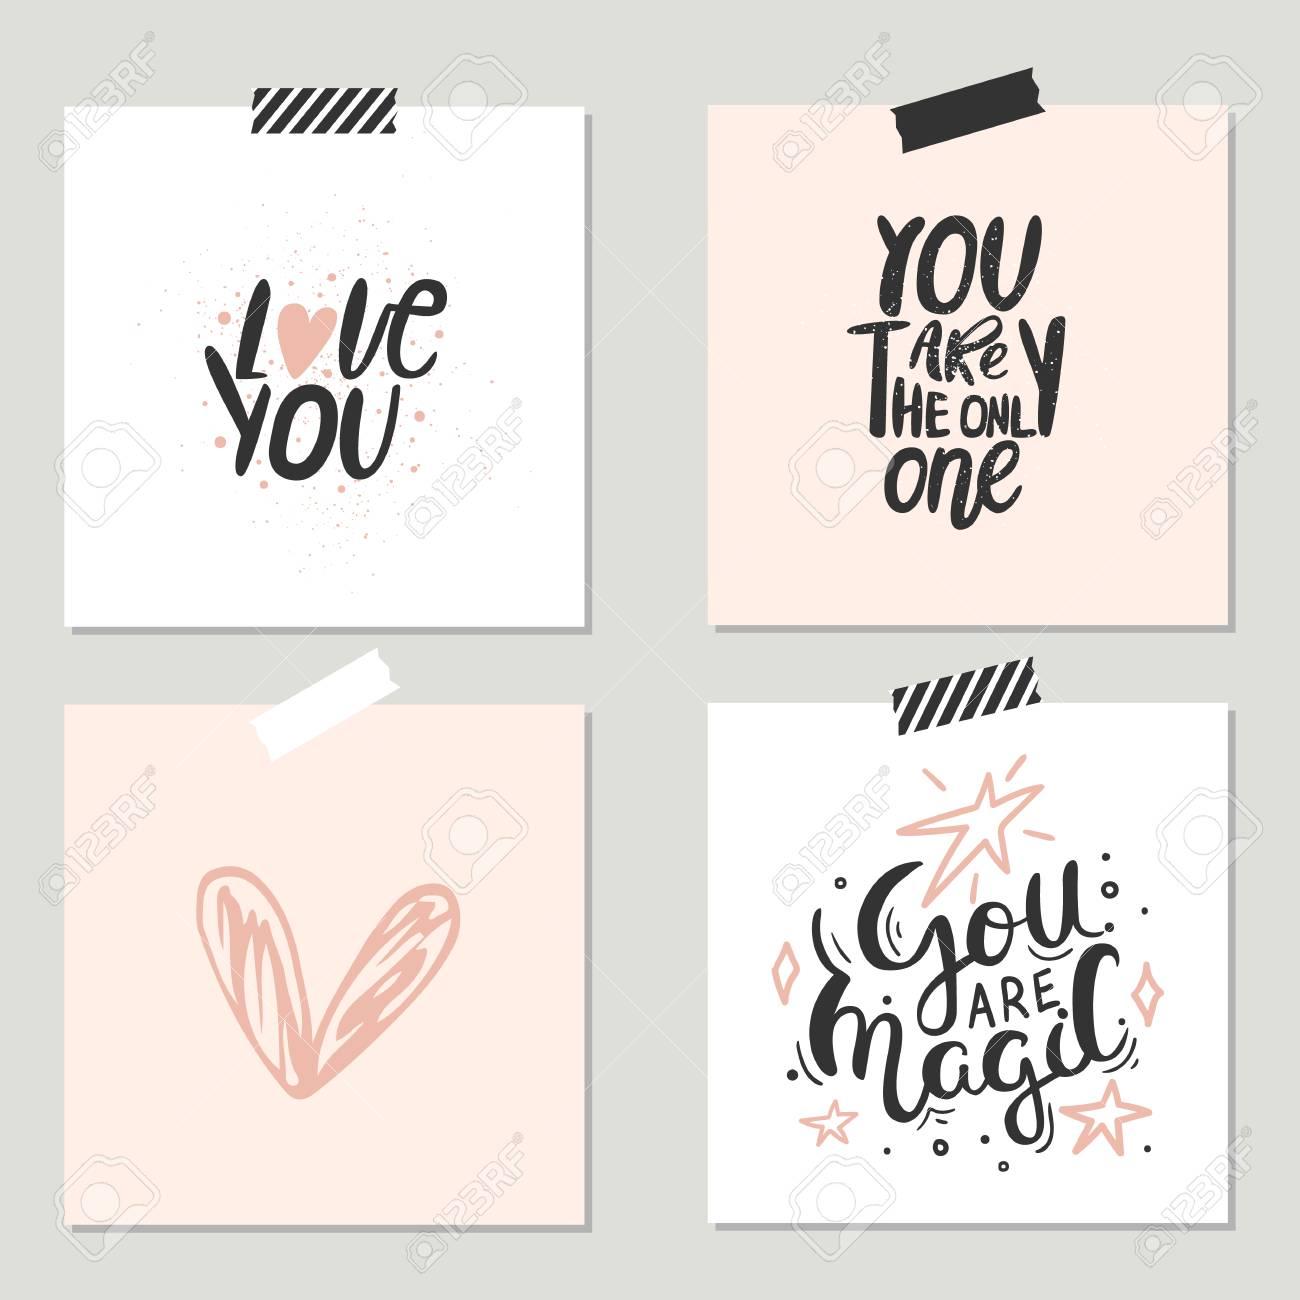 Unique hand lettering romantic quote for design greeting cards unique hand lettering romantic quote for design greeting cards photo overlays holiday invitations m4hsunfo